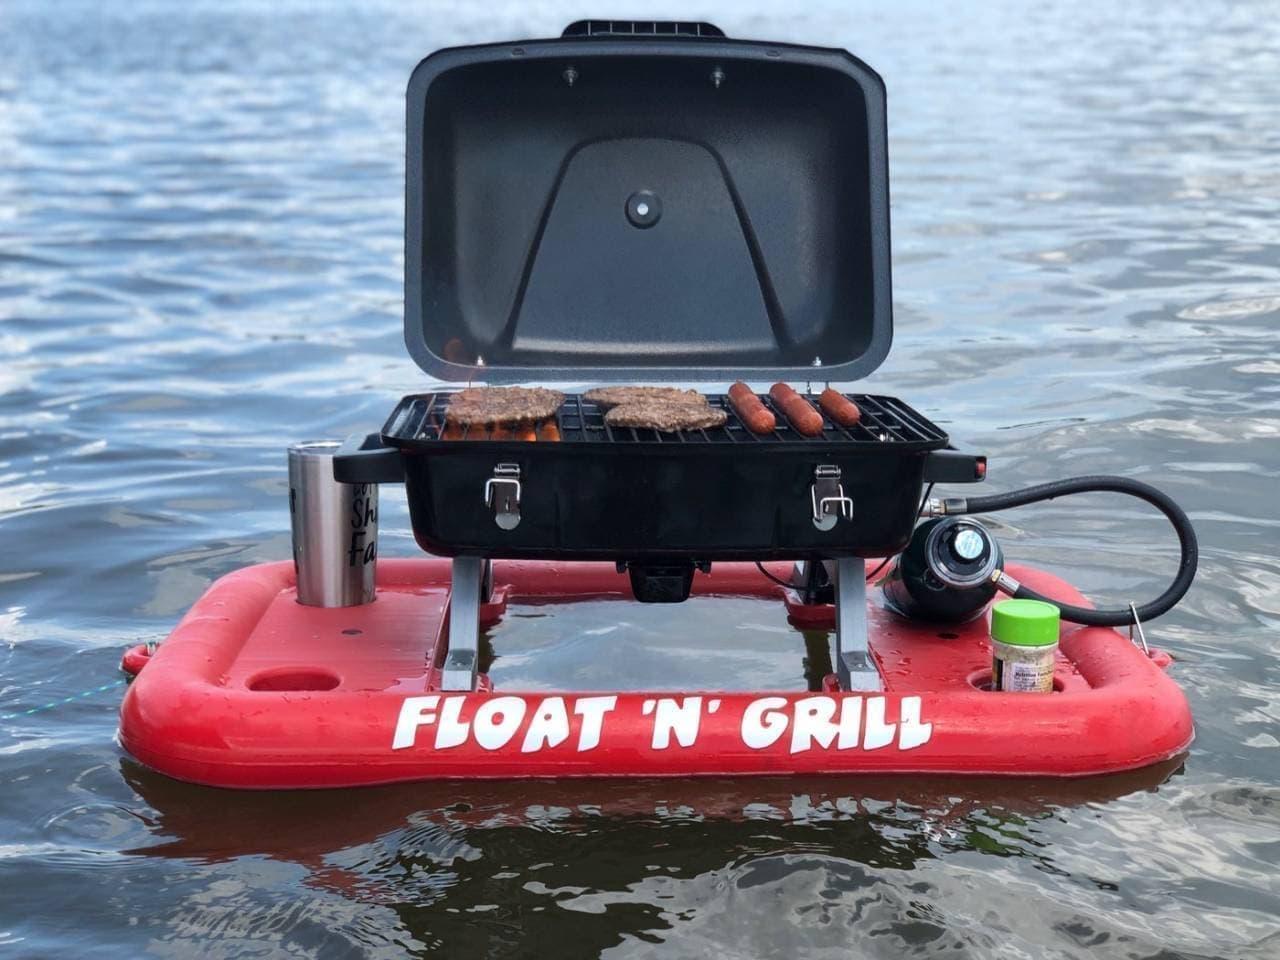 水上でBBQ! 水に浮くグリル「Float'N'Grill」